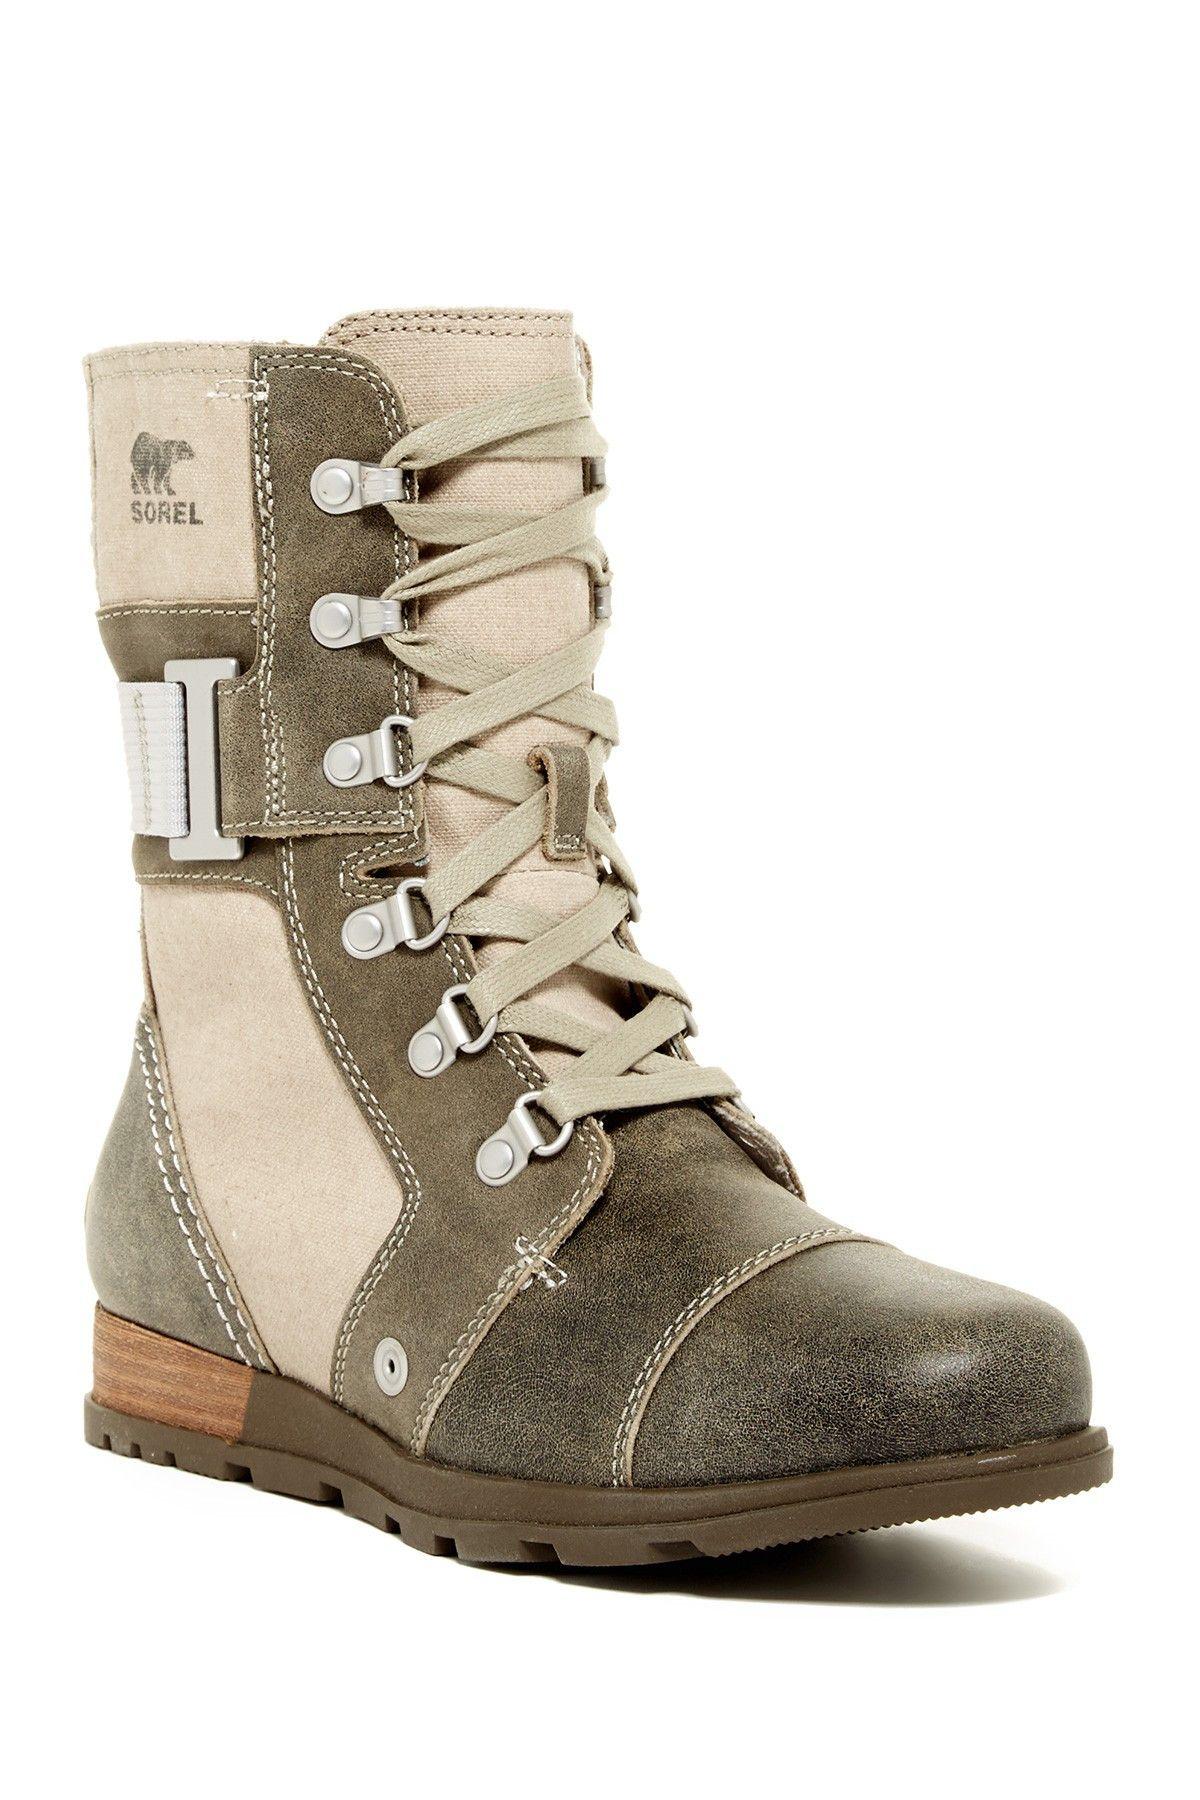 Sorel | Major Carly Boot | Nordstrom